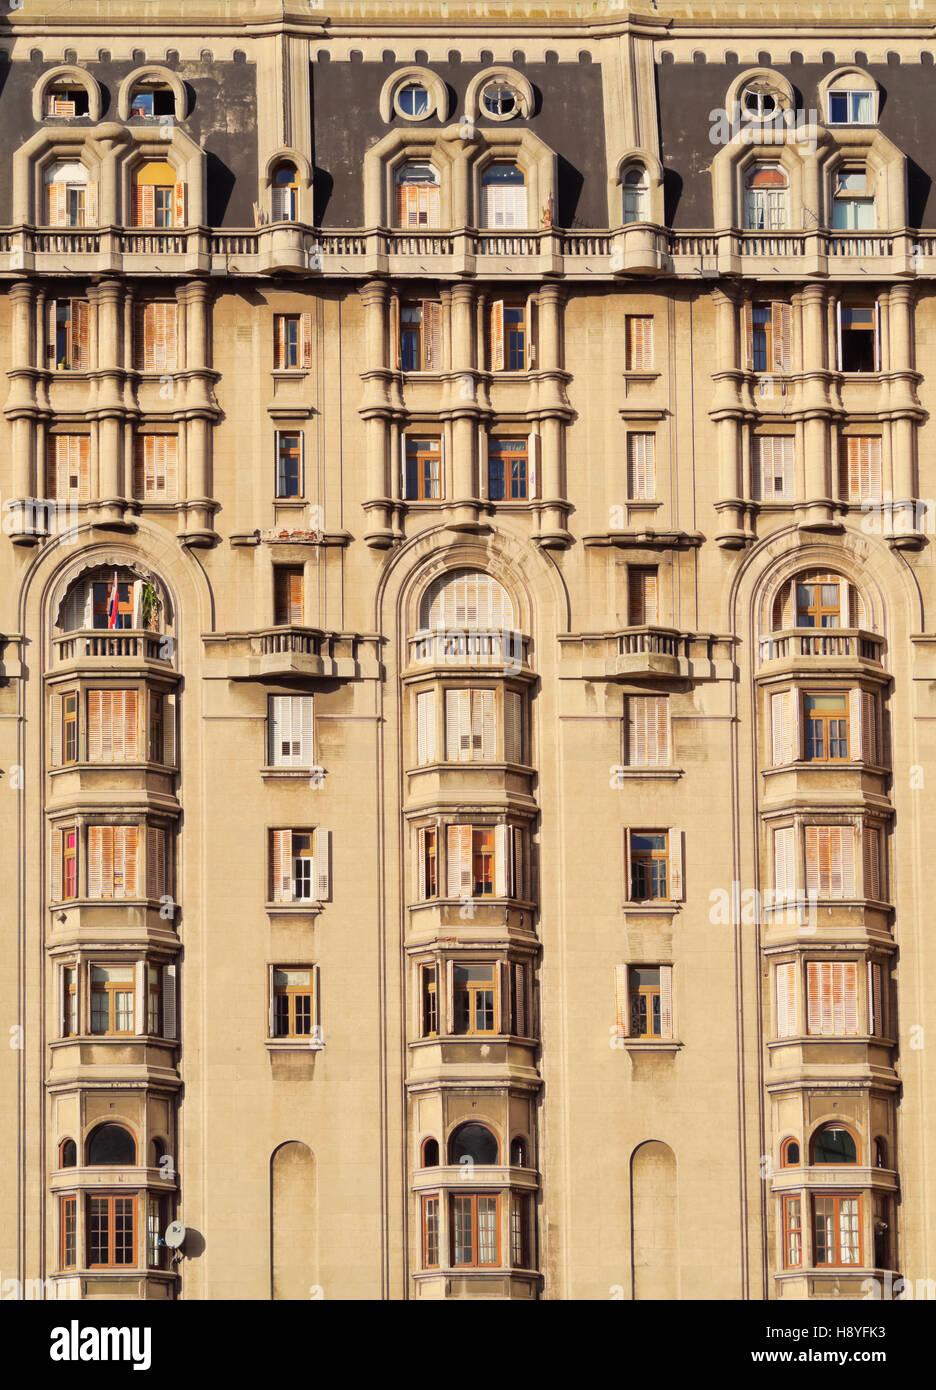 Uruguay, Montevideo, Detailansicht der Palacio Salvo auf dem Platz der Unabhängigkeit. Stockbild